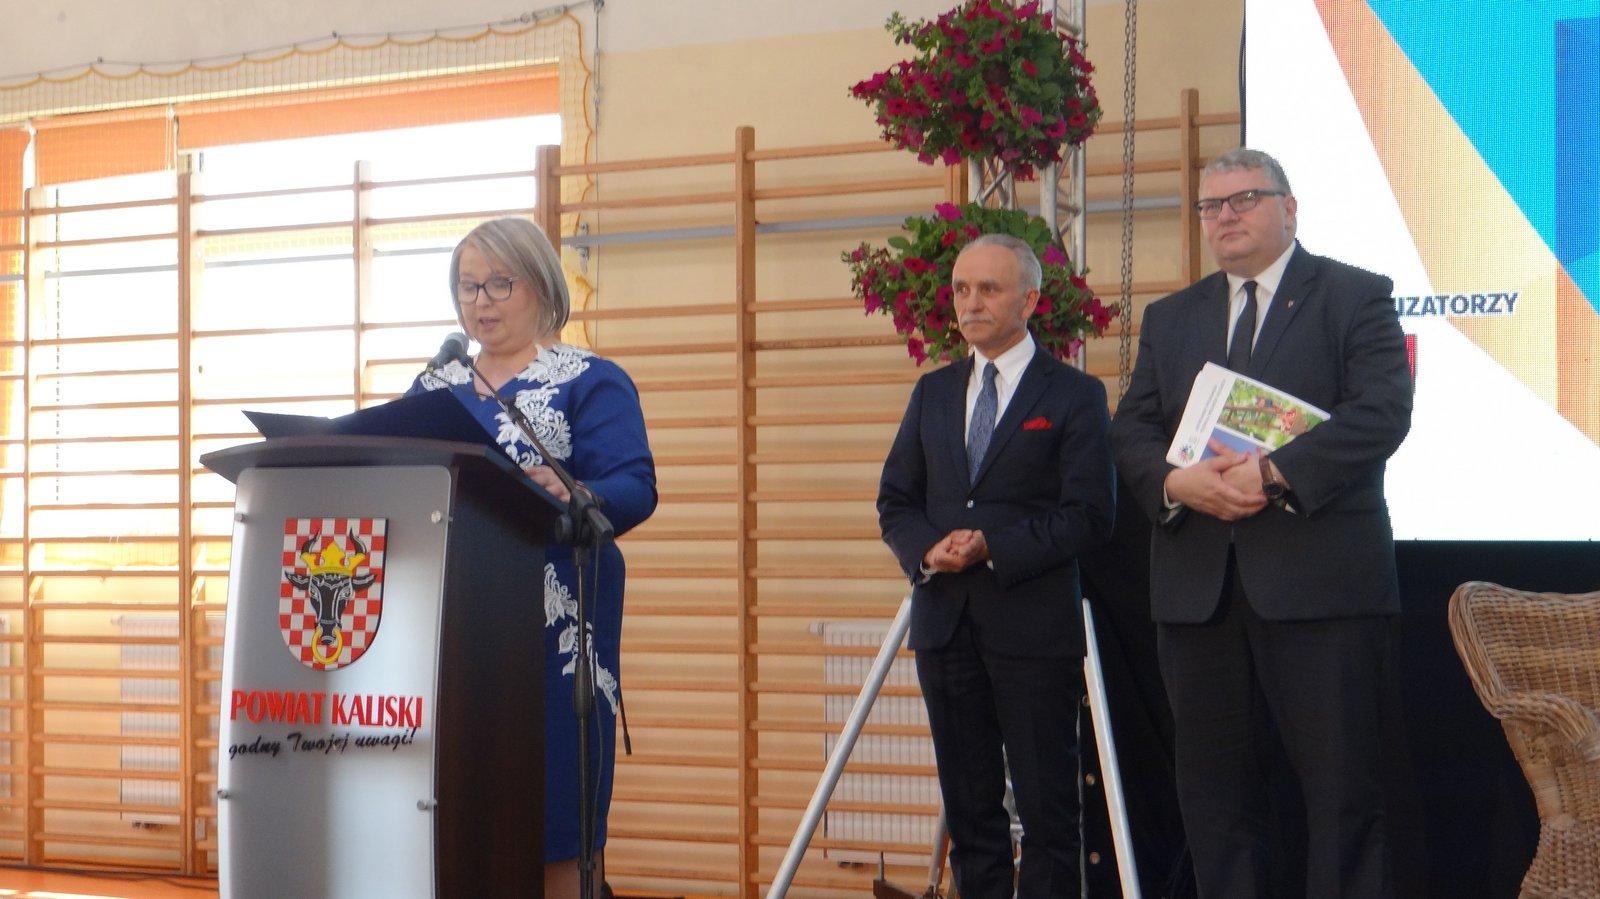 dsc09457 - Wielkopolska zaradność i pracowitość doceniona na Forum Wielkopolskiej Wsi Europejskiej